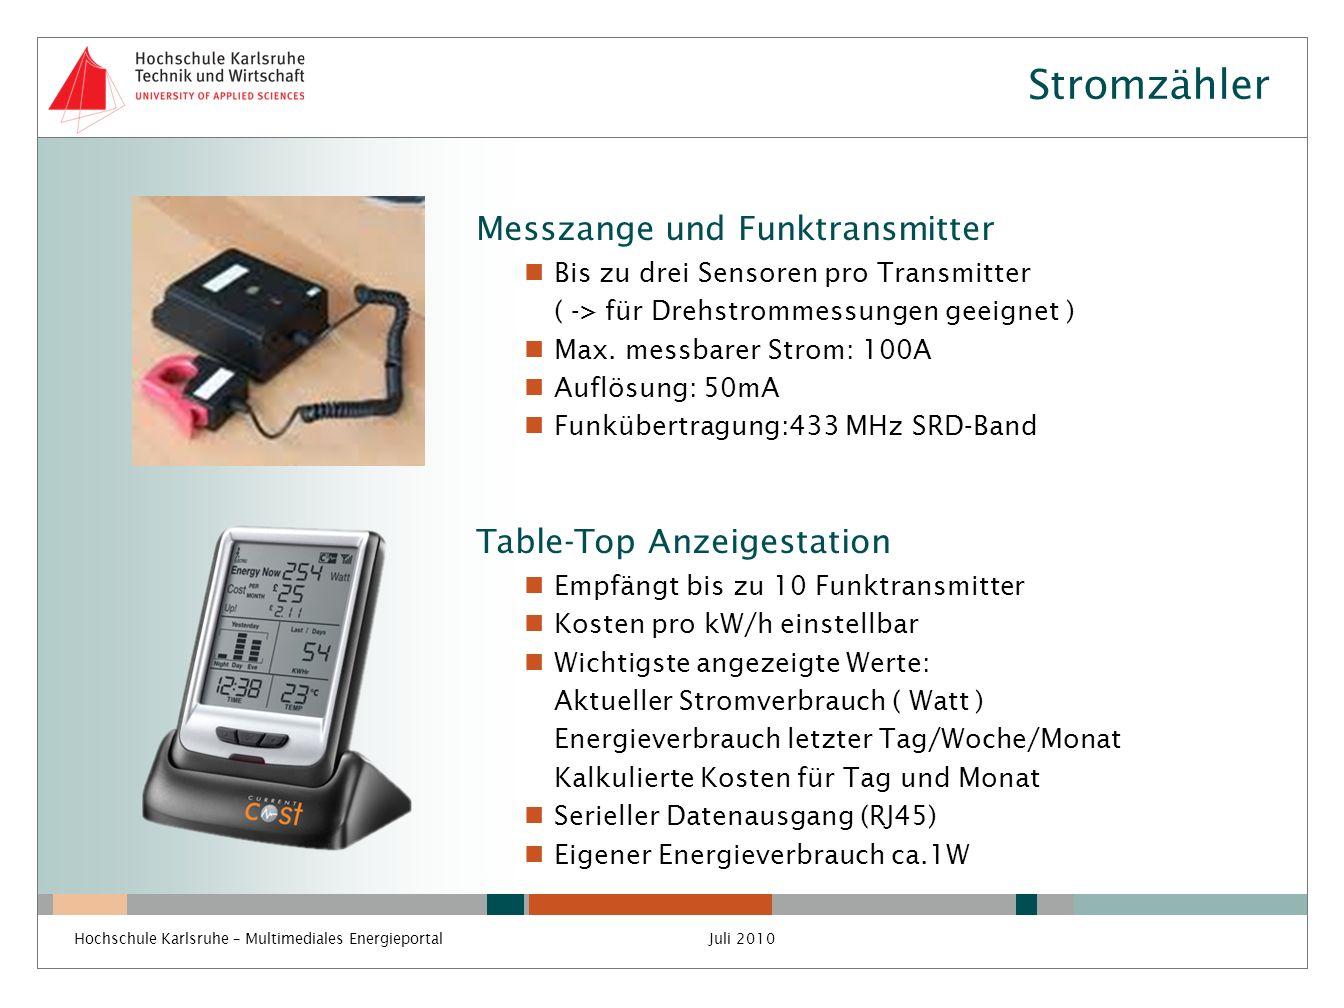 Stromzähler Messzange und Funktransmitter Table-Top Anzeigestation